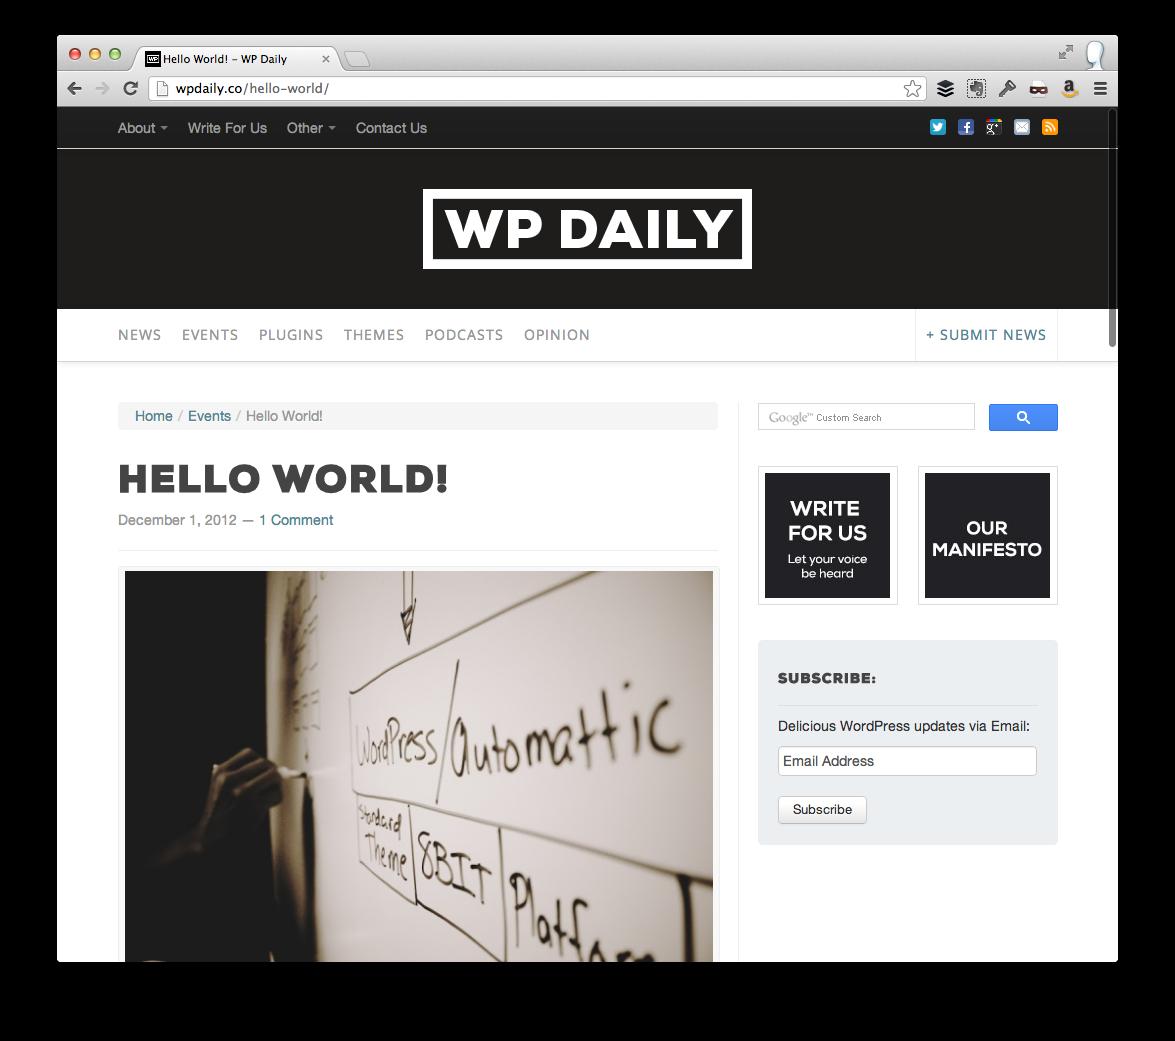 WP Daily